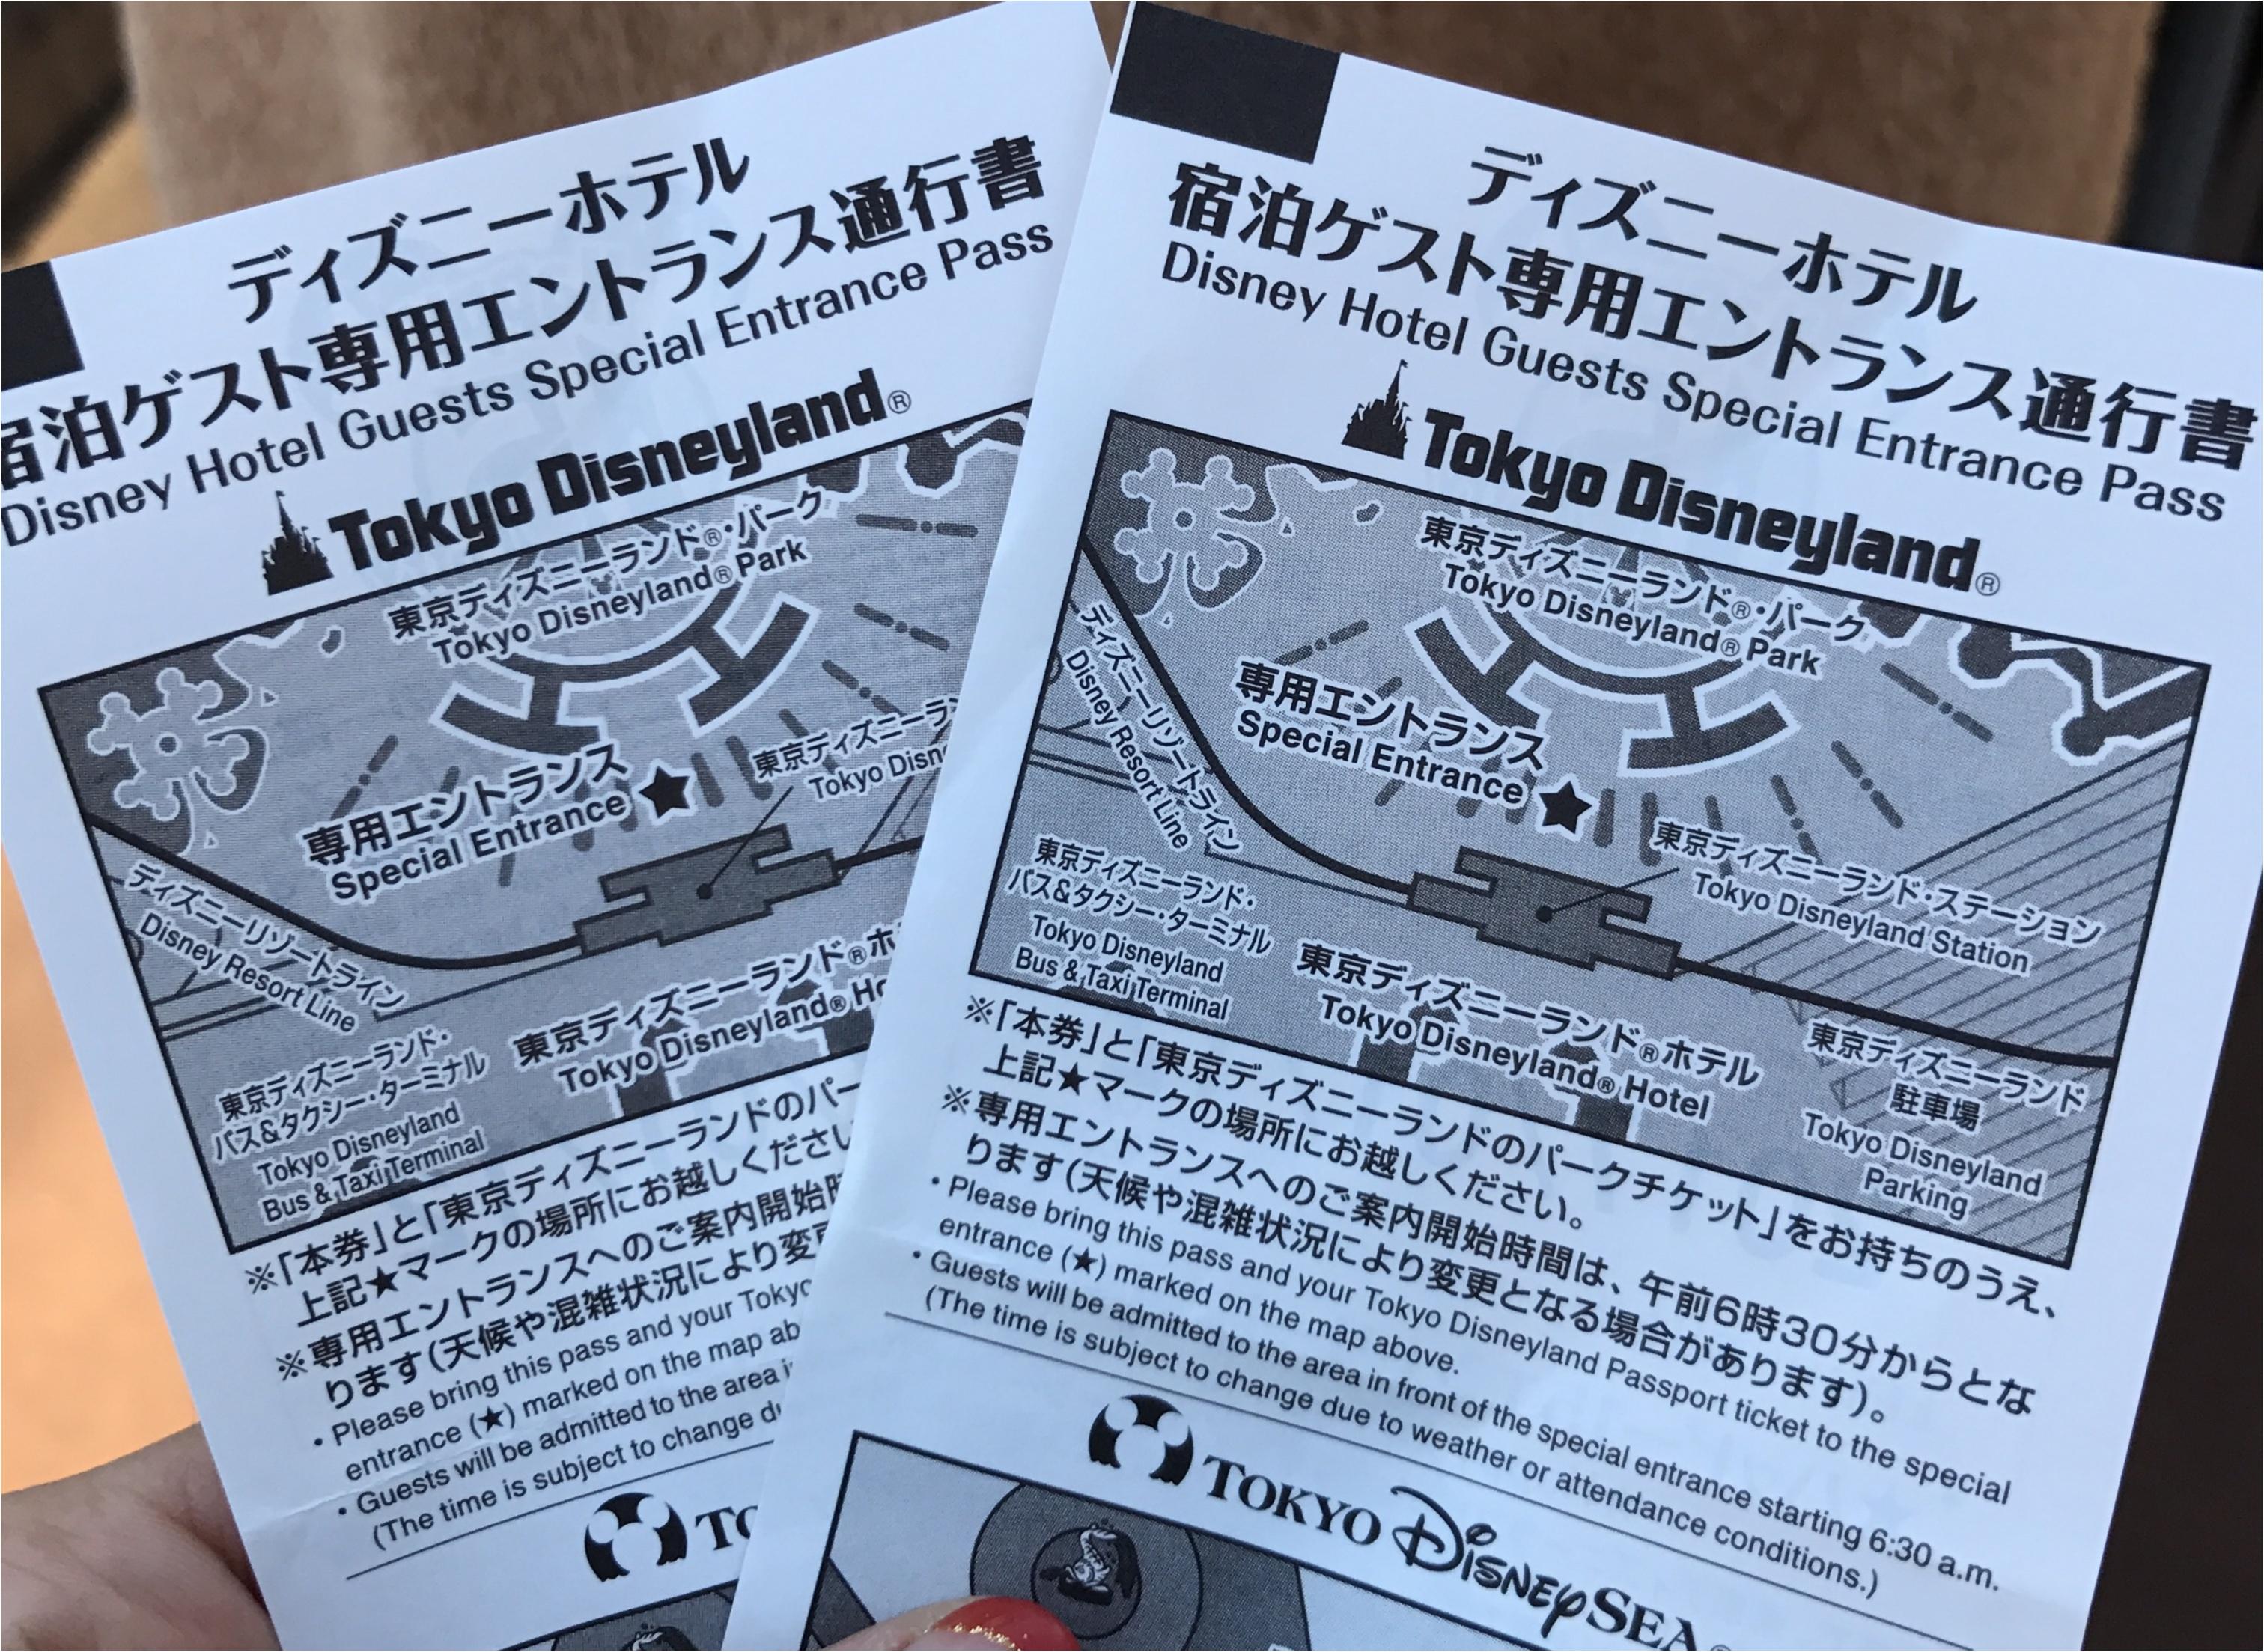 【夢のお泊まりディズニー♡】ホテルミラコスタの魅力をたっぷりご紹介します(*´꒳`*)_7